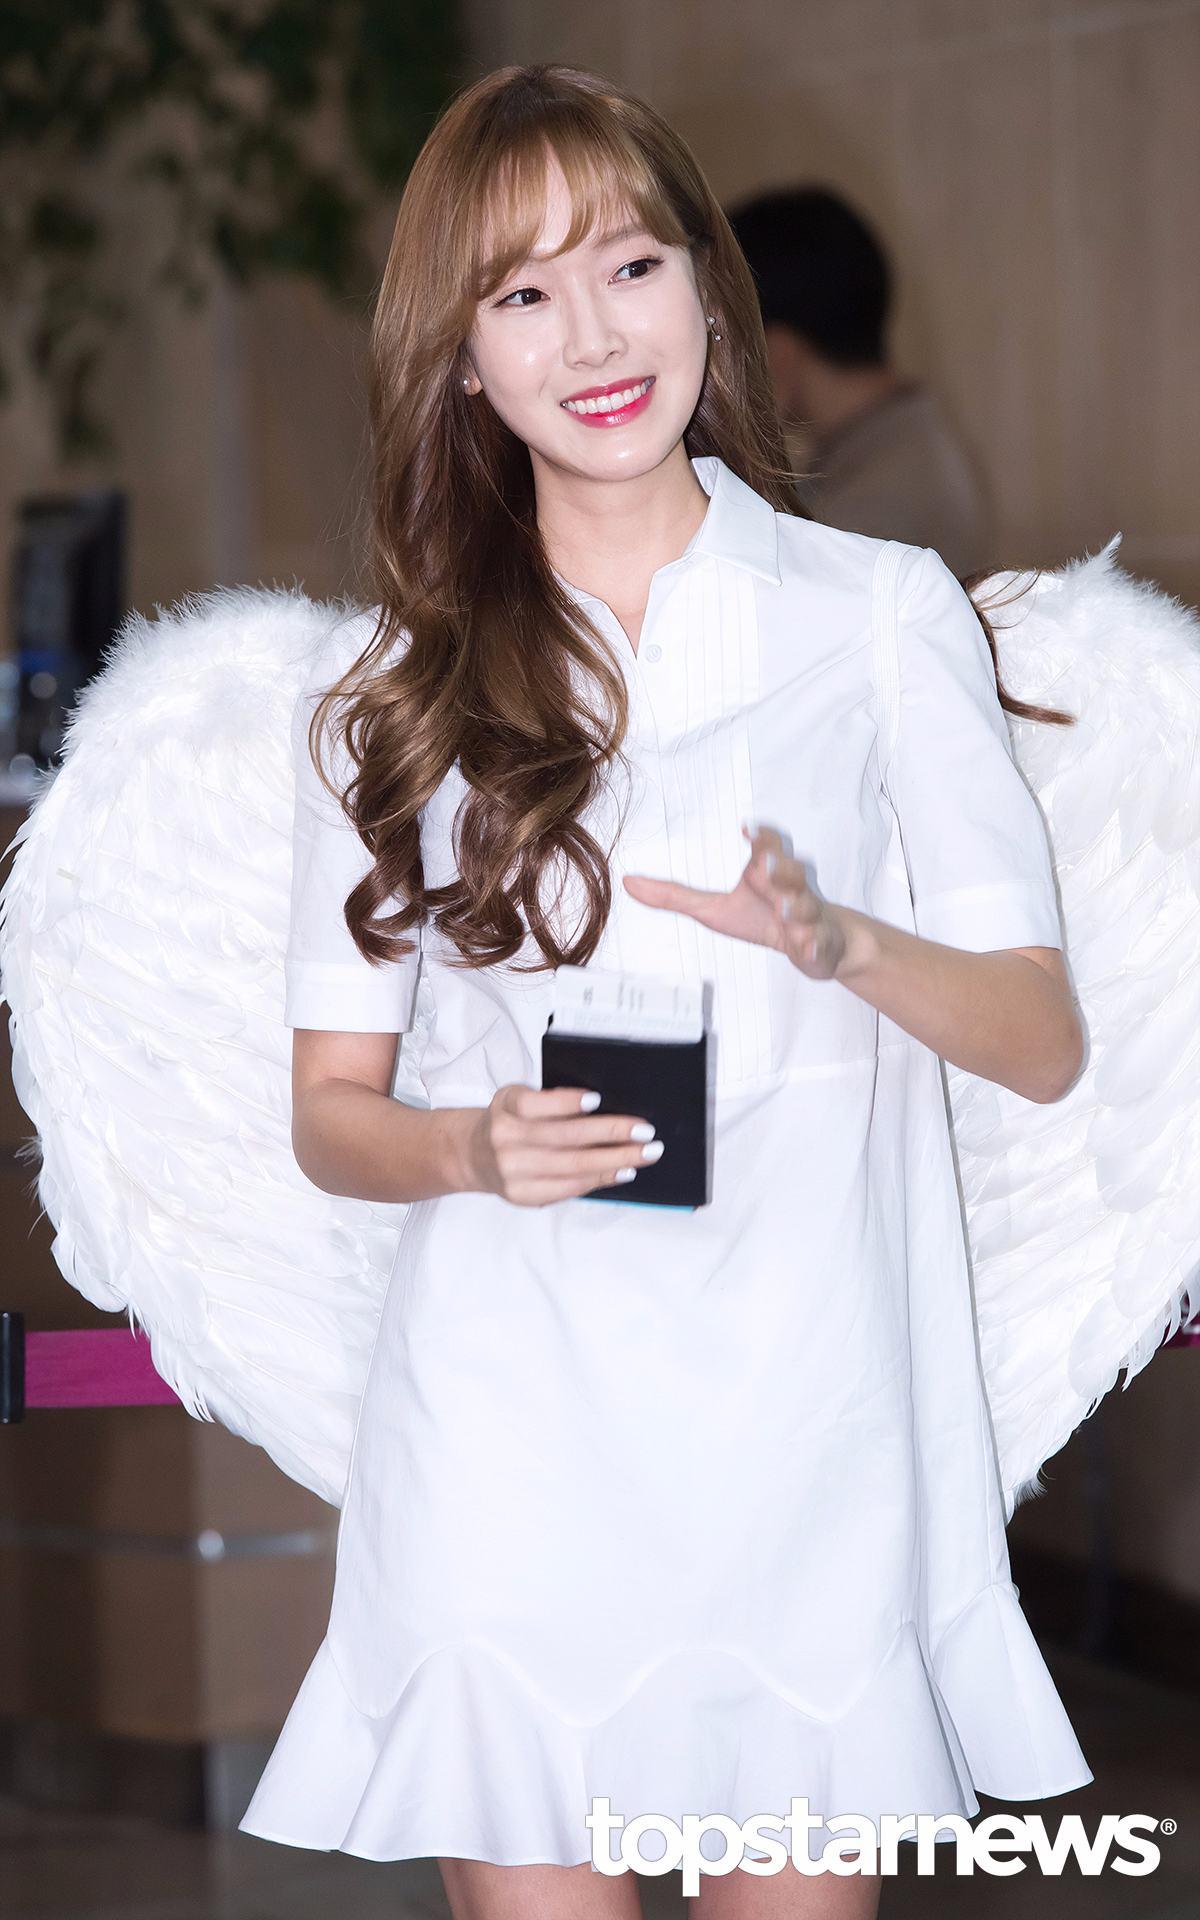 忙碌于中韓兩地交叉宣傳專輯與電影,可見Jessica的超高人氣。同時作為粉絲,也希望Jessica不要太辛苦。